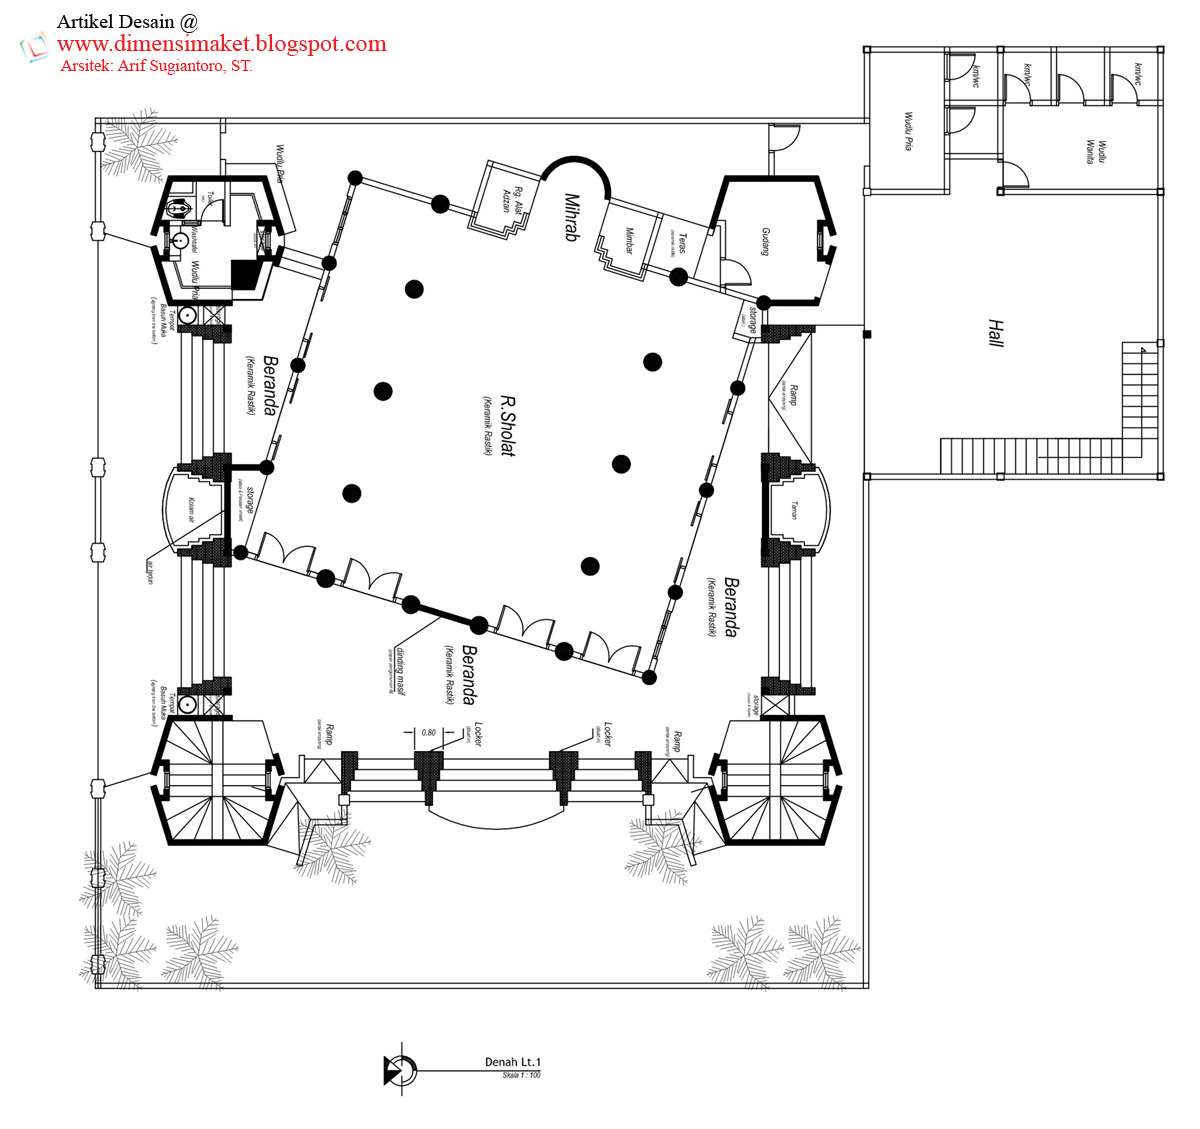 Desain Masjid & Musholla 010 : Perencanaan Masjid Al-Huda ...